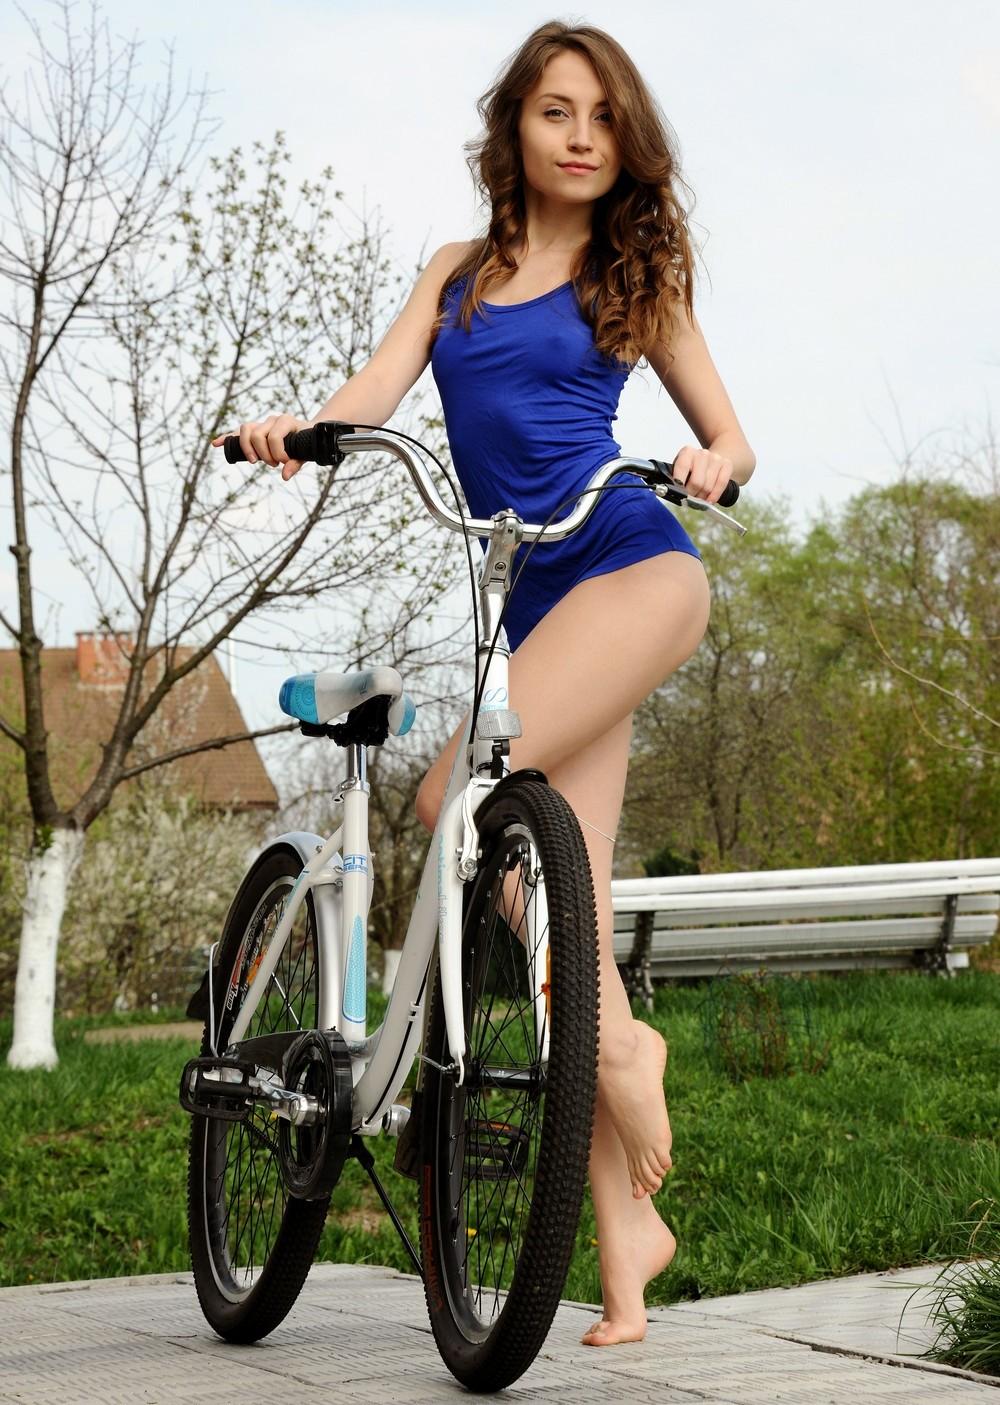 Стройная Nicolina прокатилась на велосипеде